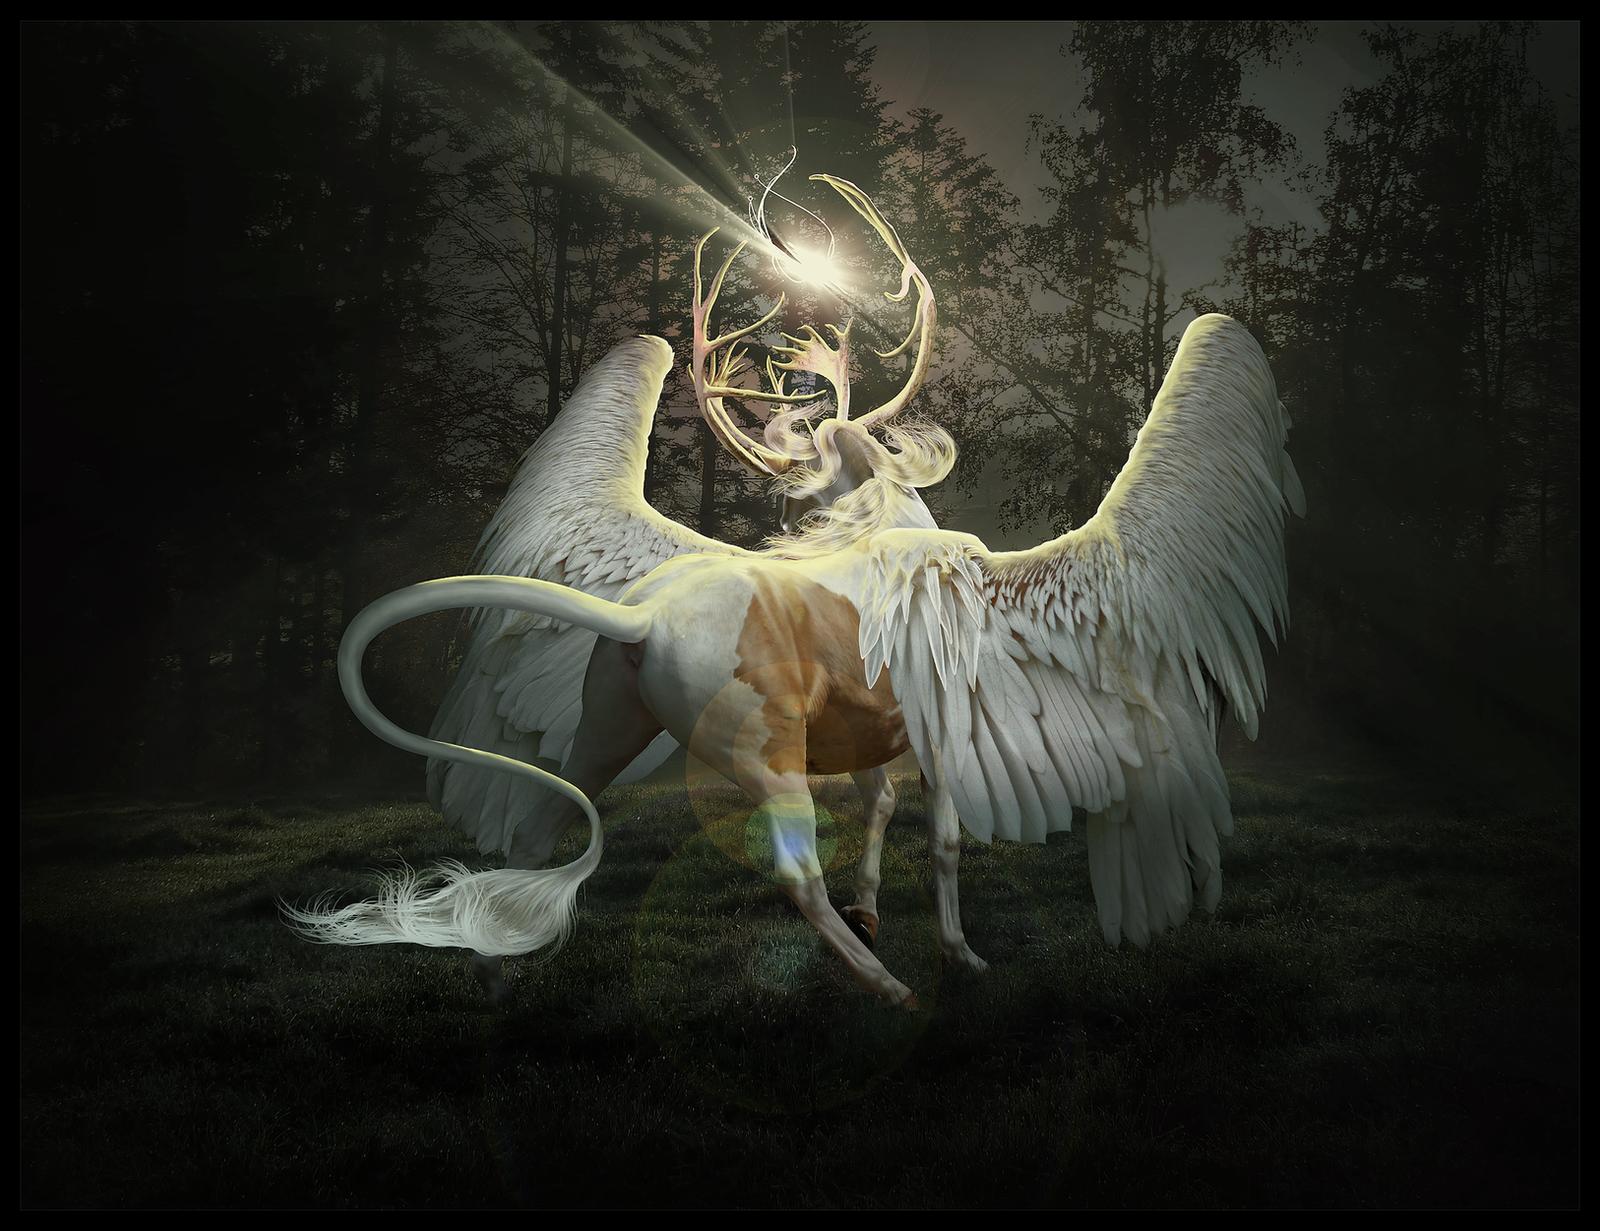 The Blind Prince by Nikkayla